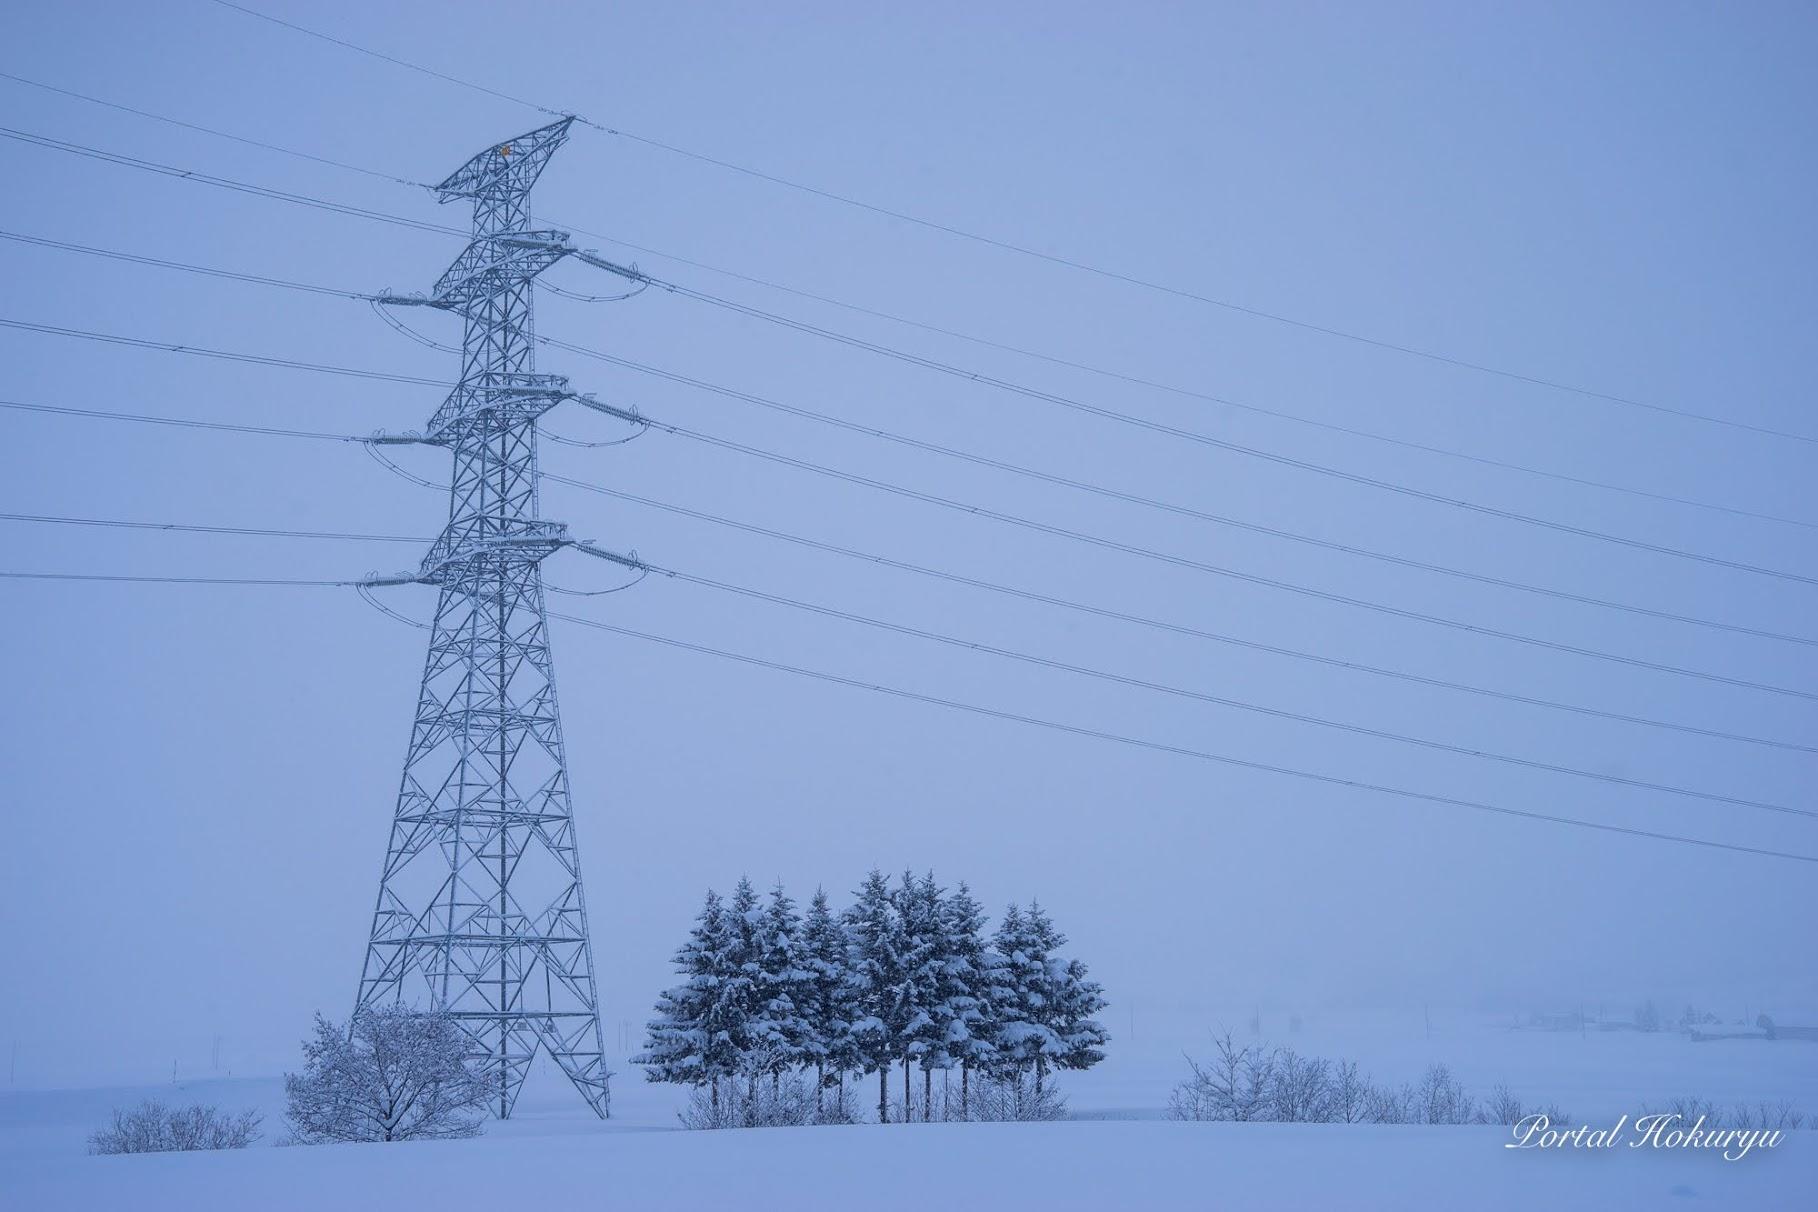 電柱と11本の木